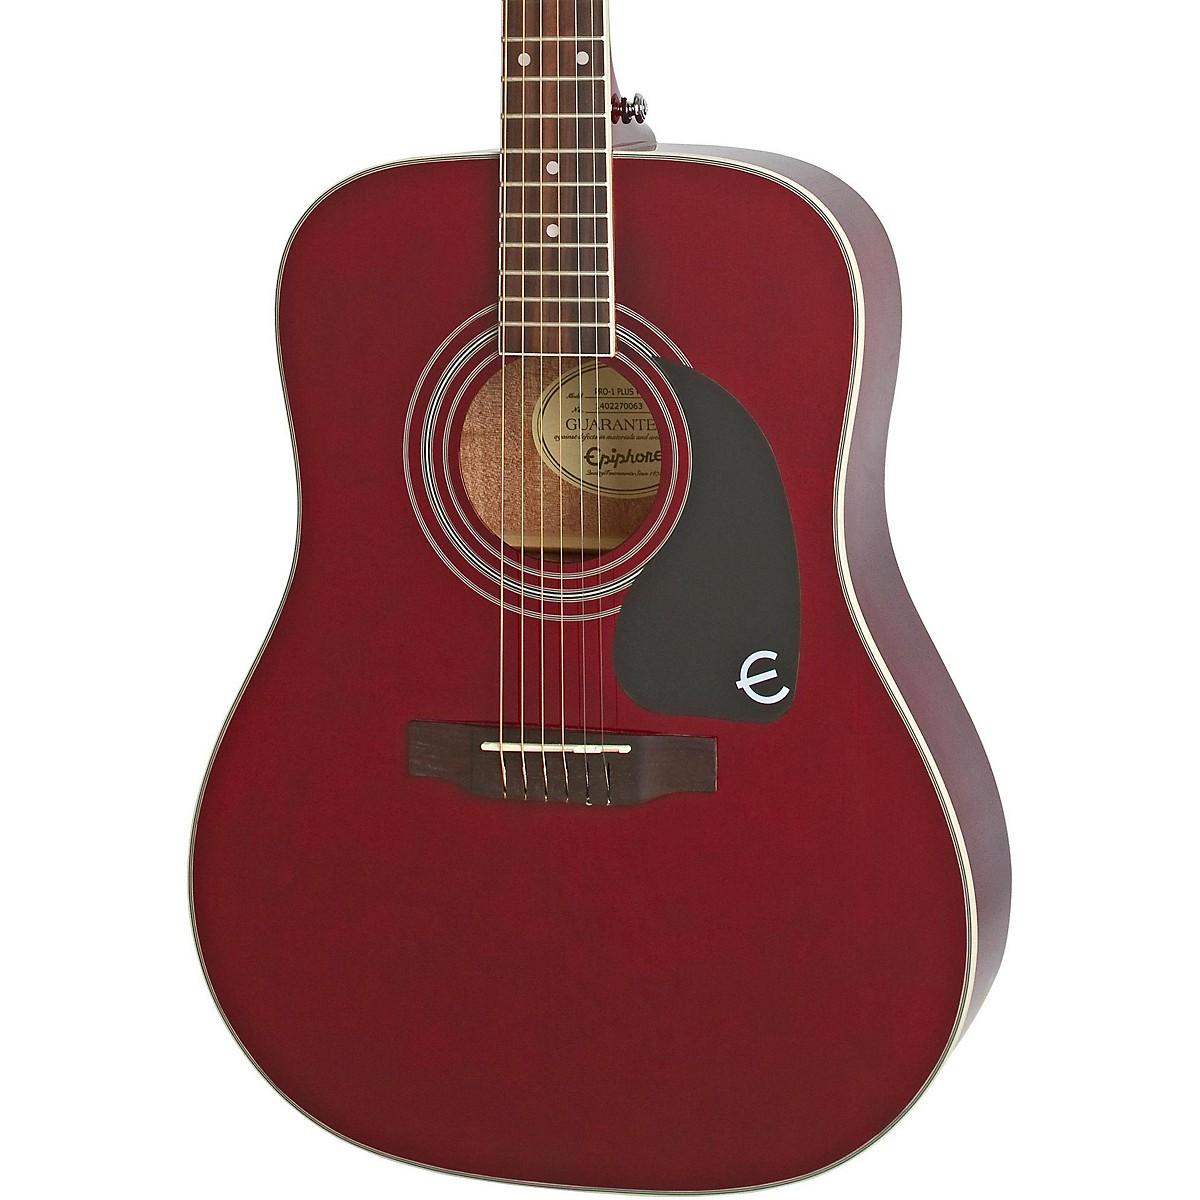 Epiphone Pro 1 Plus Acoustic Guitar Guitar Center